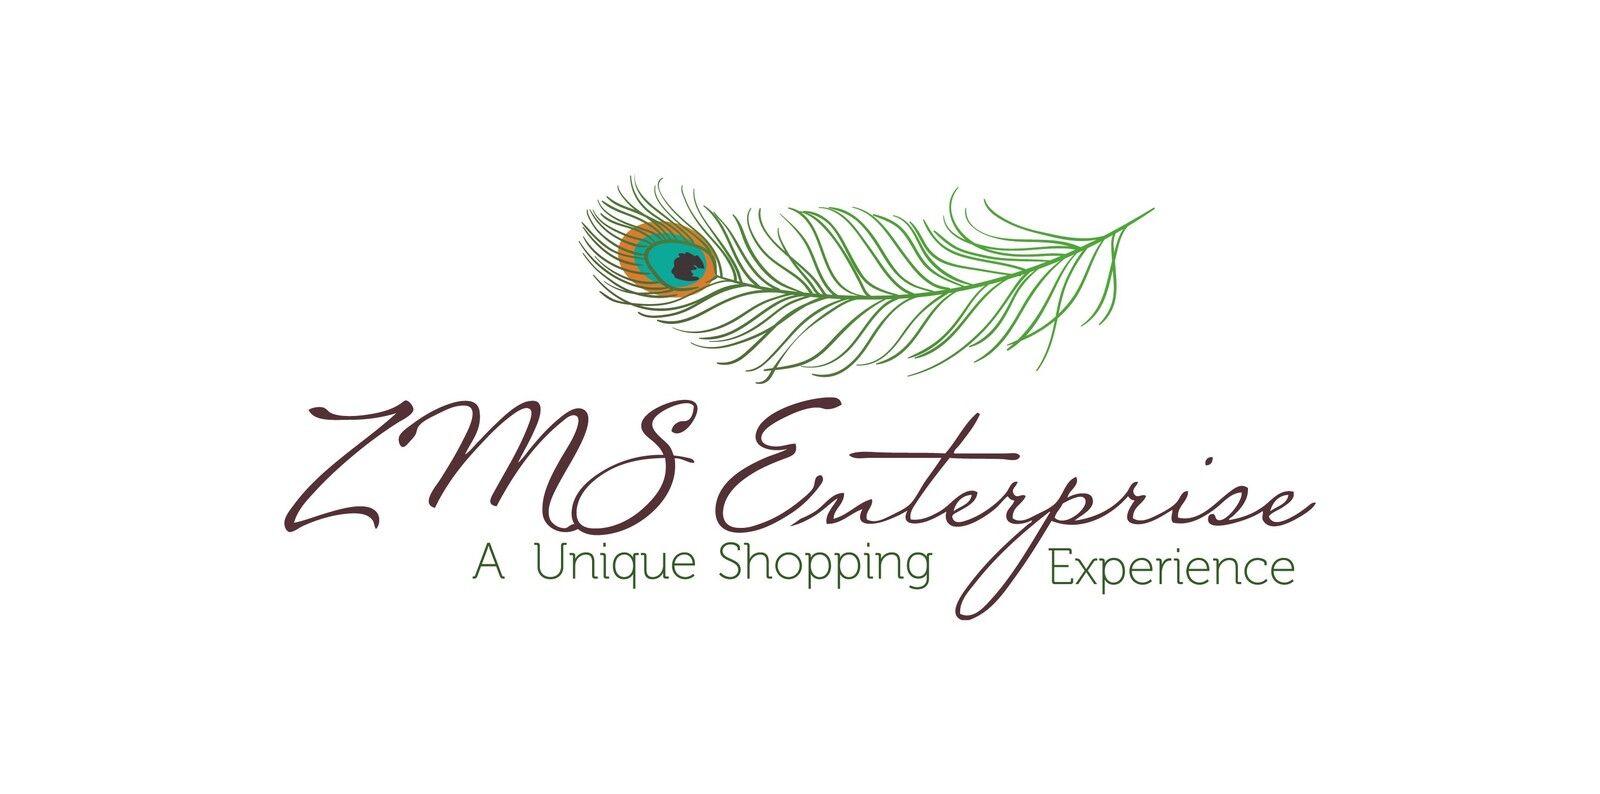 zms-enterprise